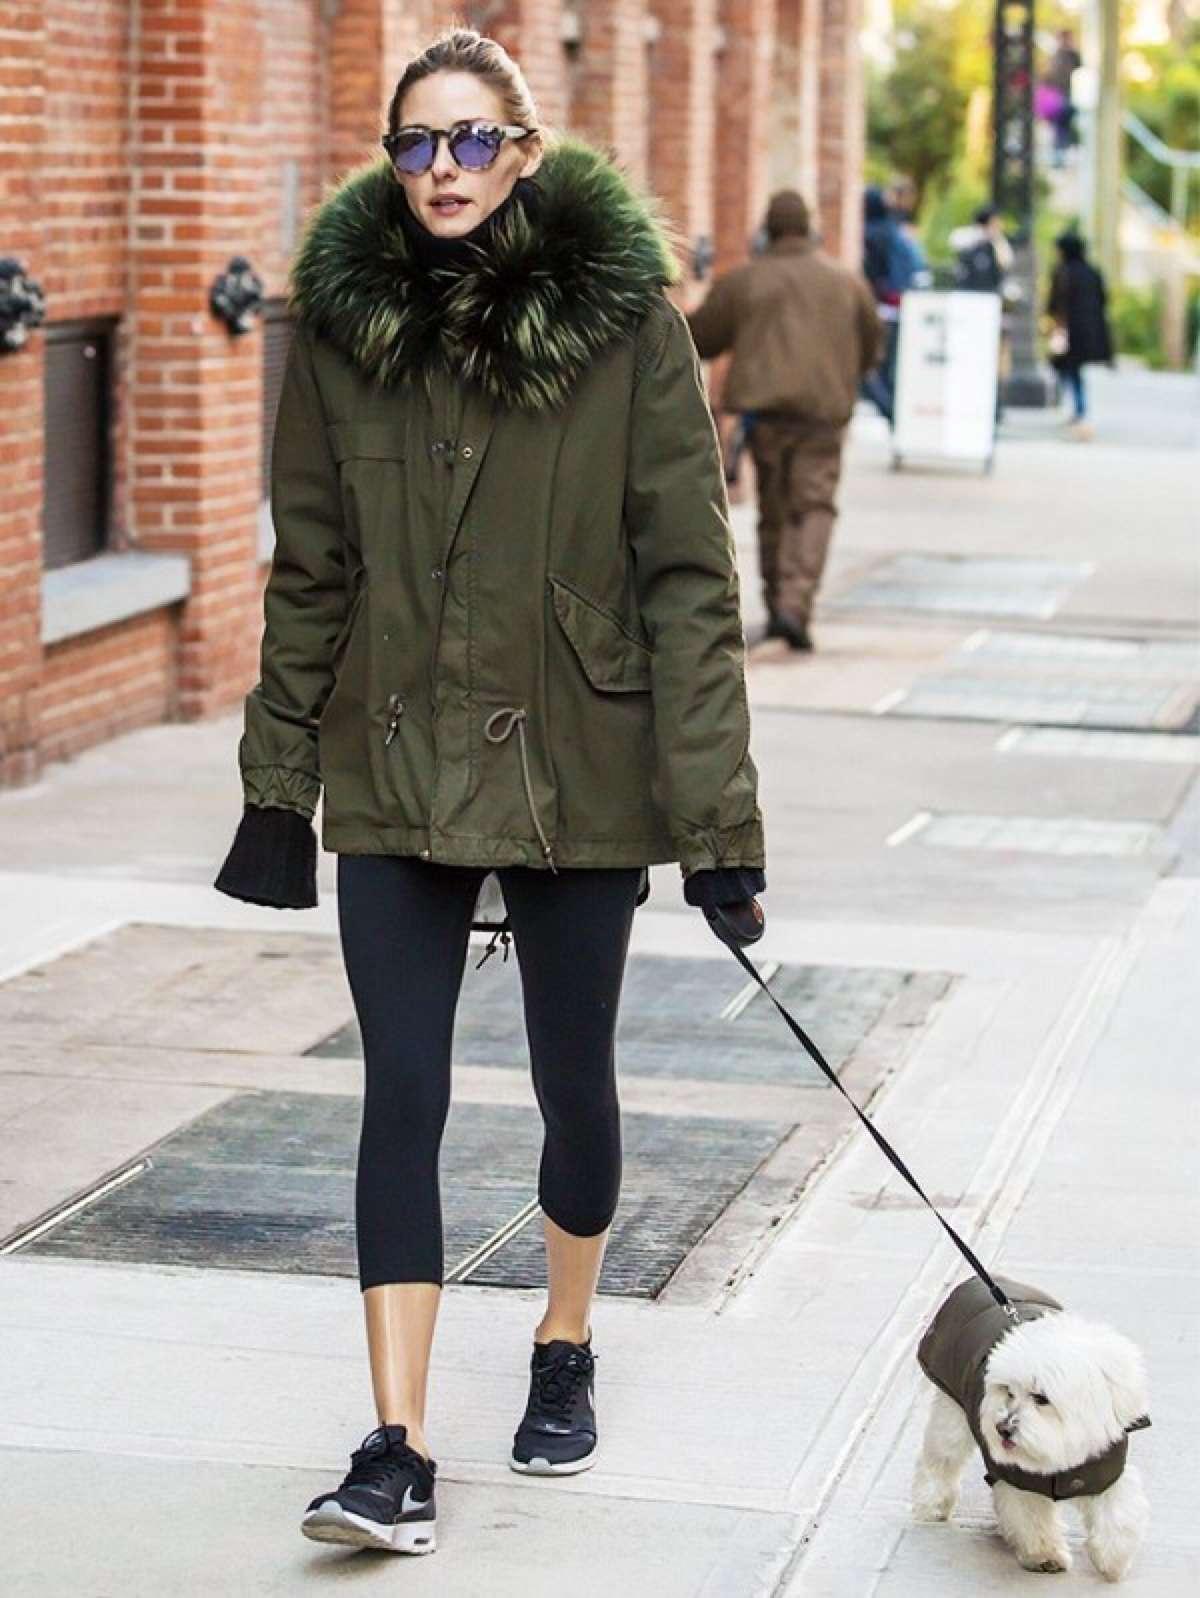 Bao tay giữ ấm và quần áo tối màu giữ nhiệt tốt hơn đồ sáng màu